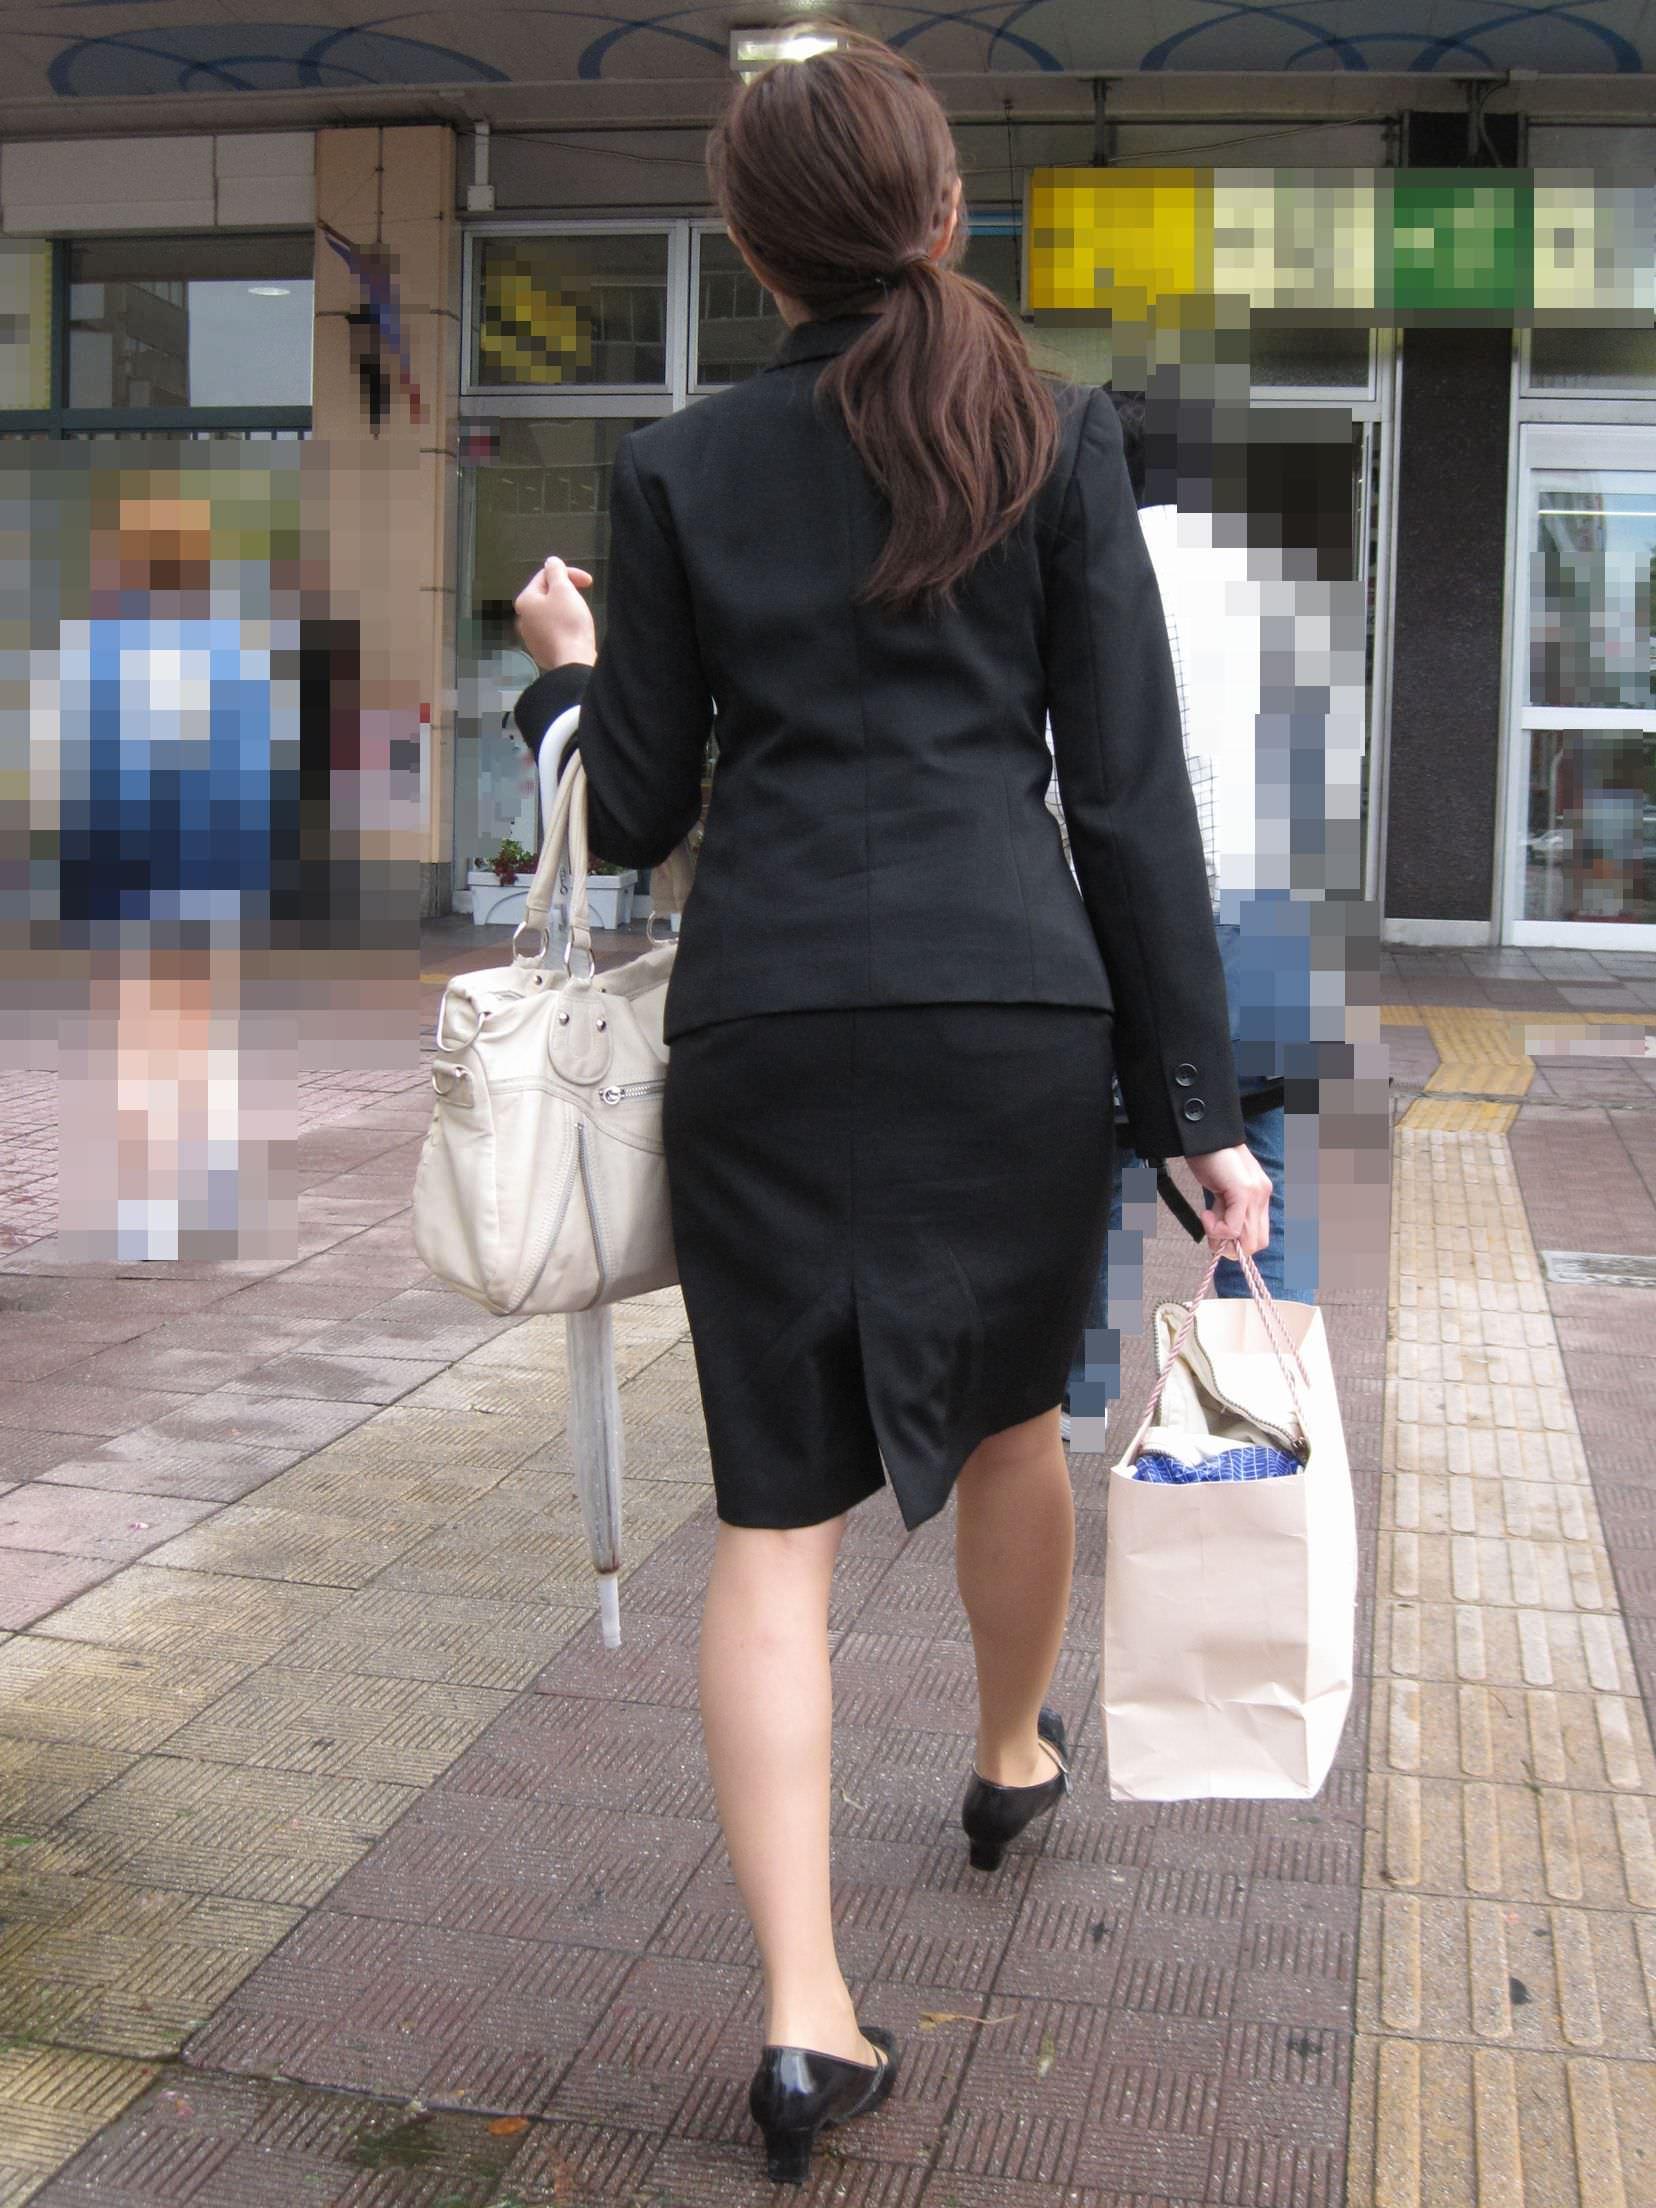 お尻の形が丸わかりなOLさんを尾行して街撮り盗撮www 3052